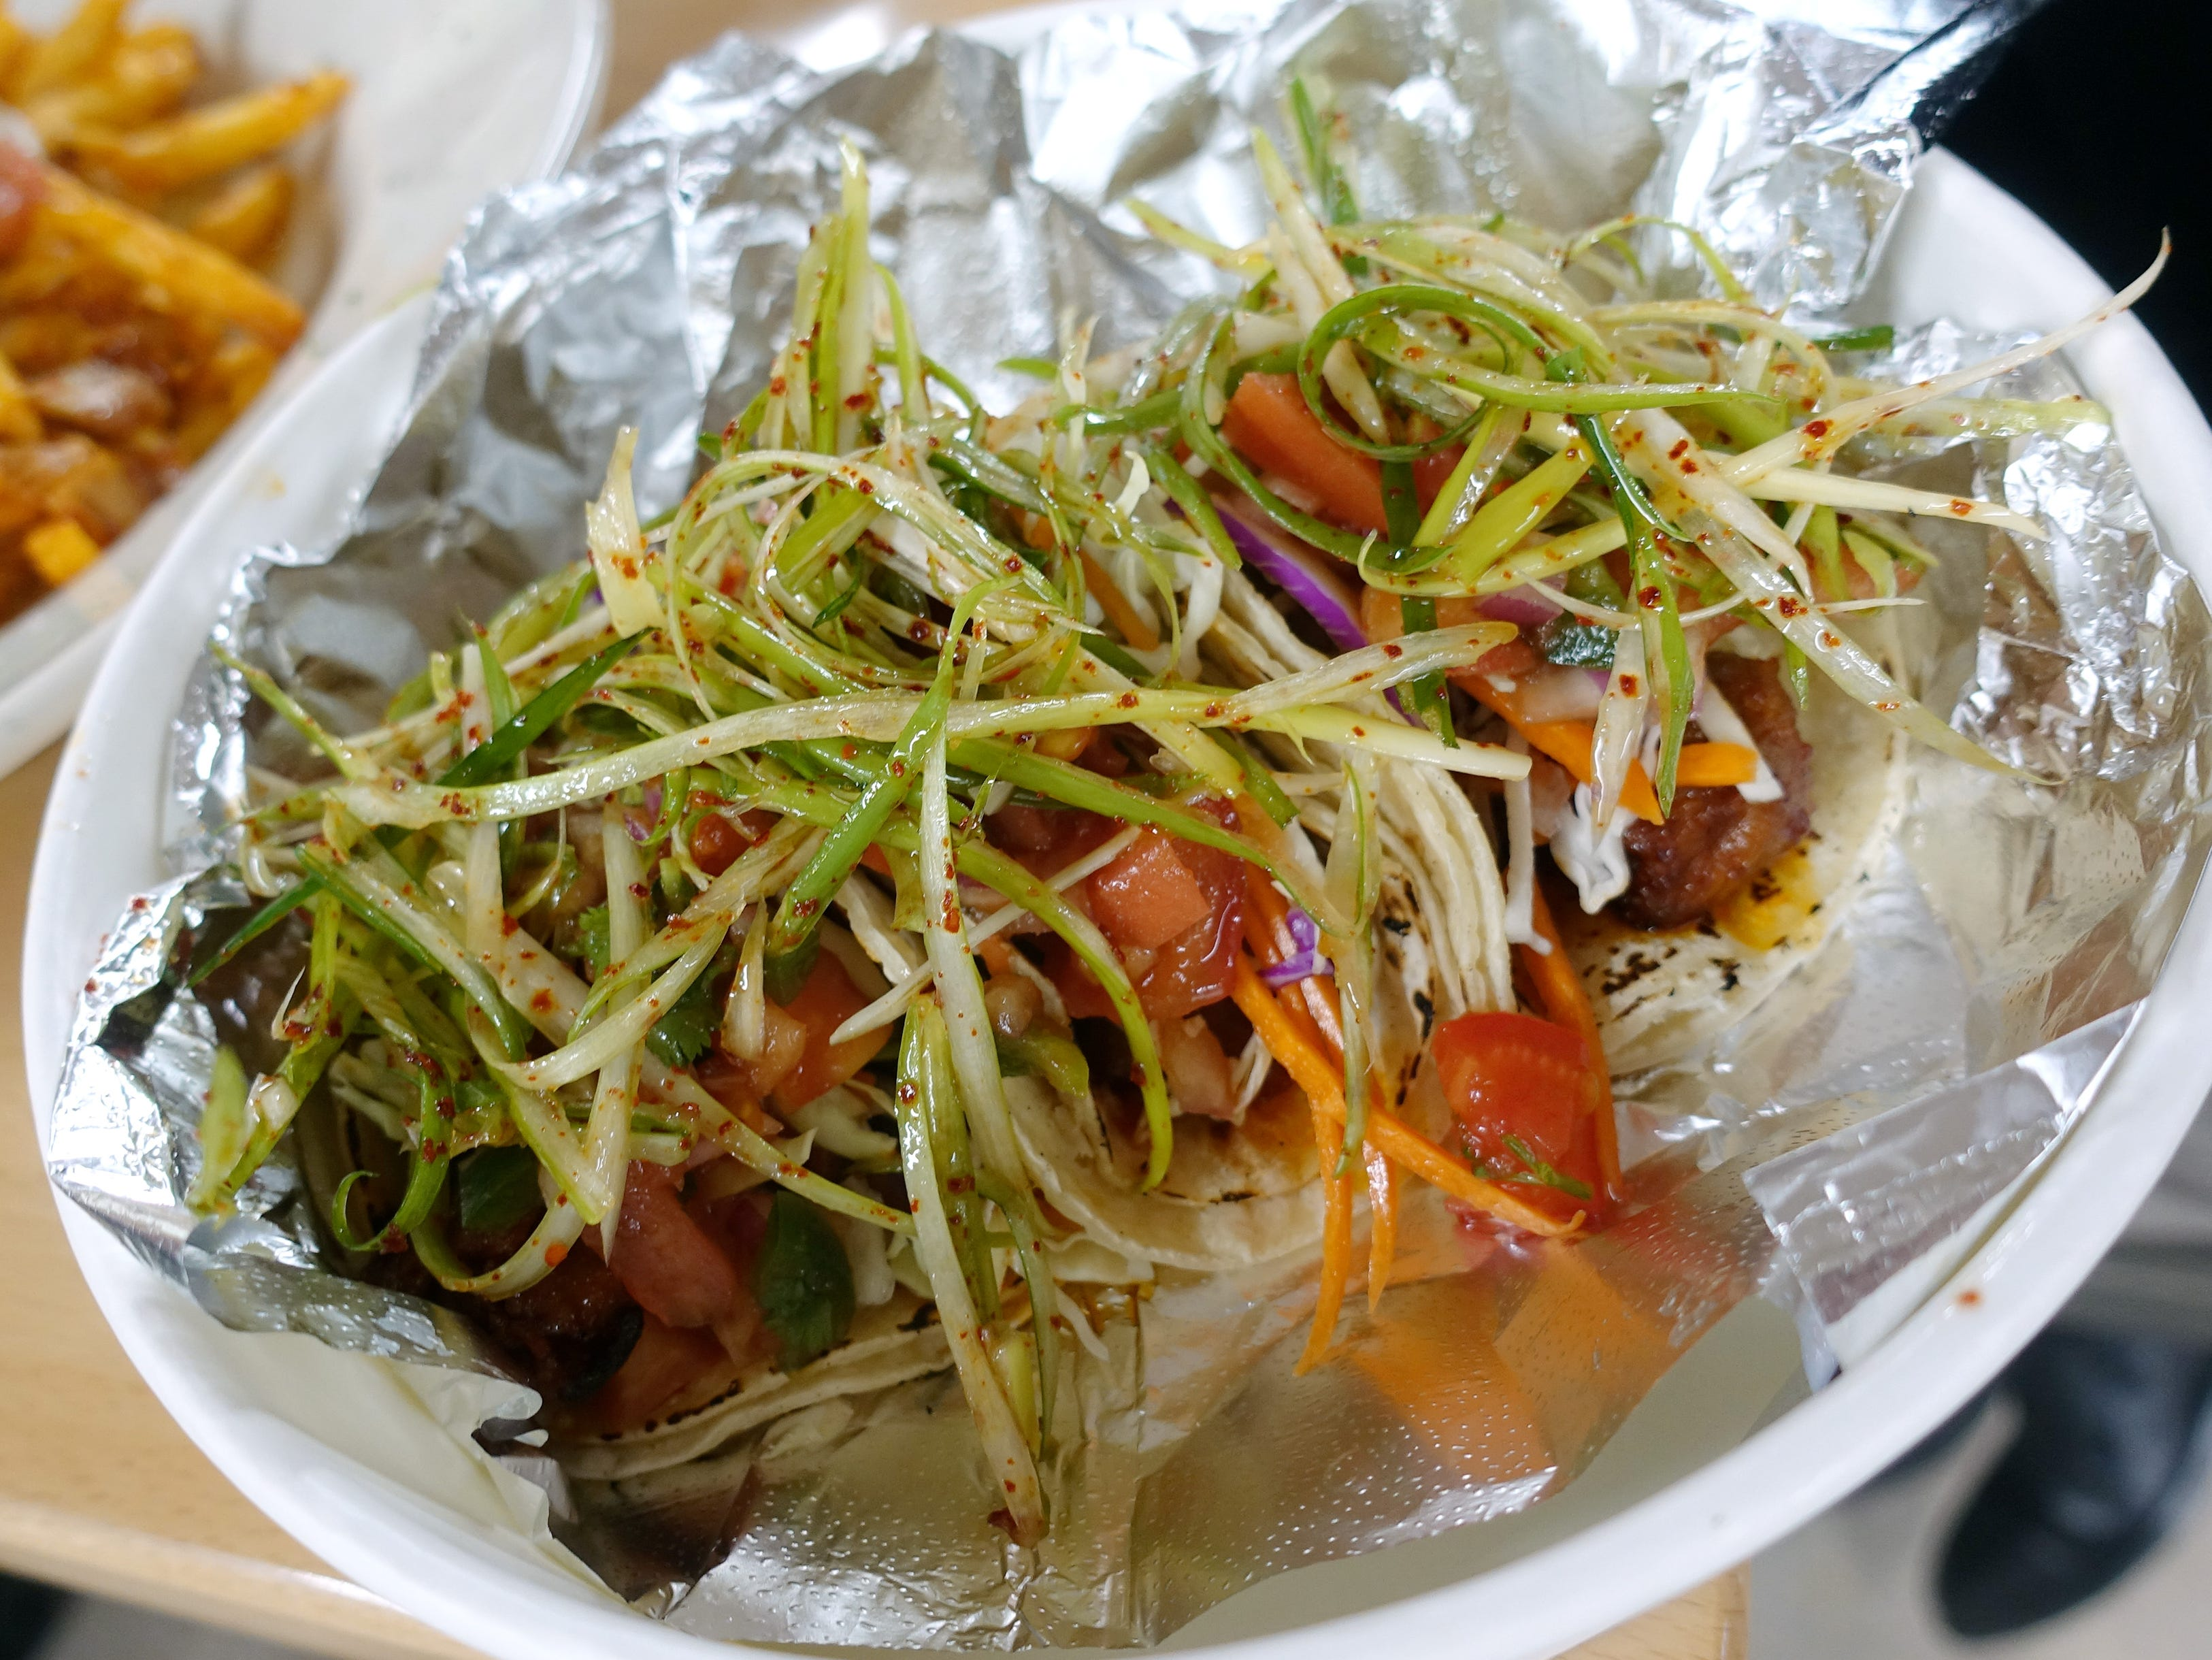 Spicy pork tacos at Katsu at Asiana Market in Mesa.